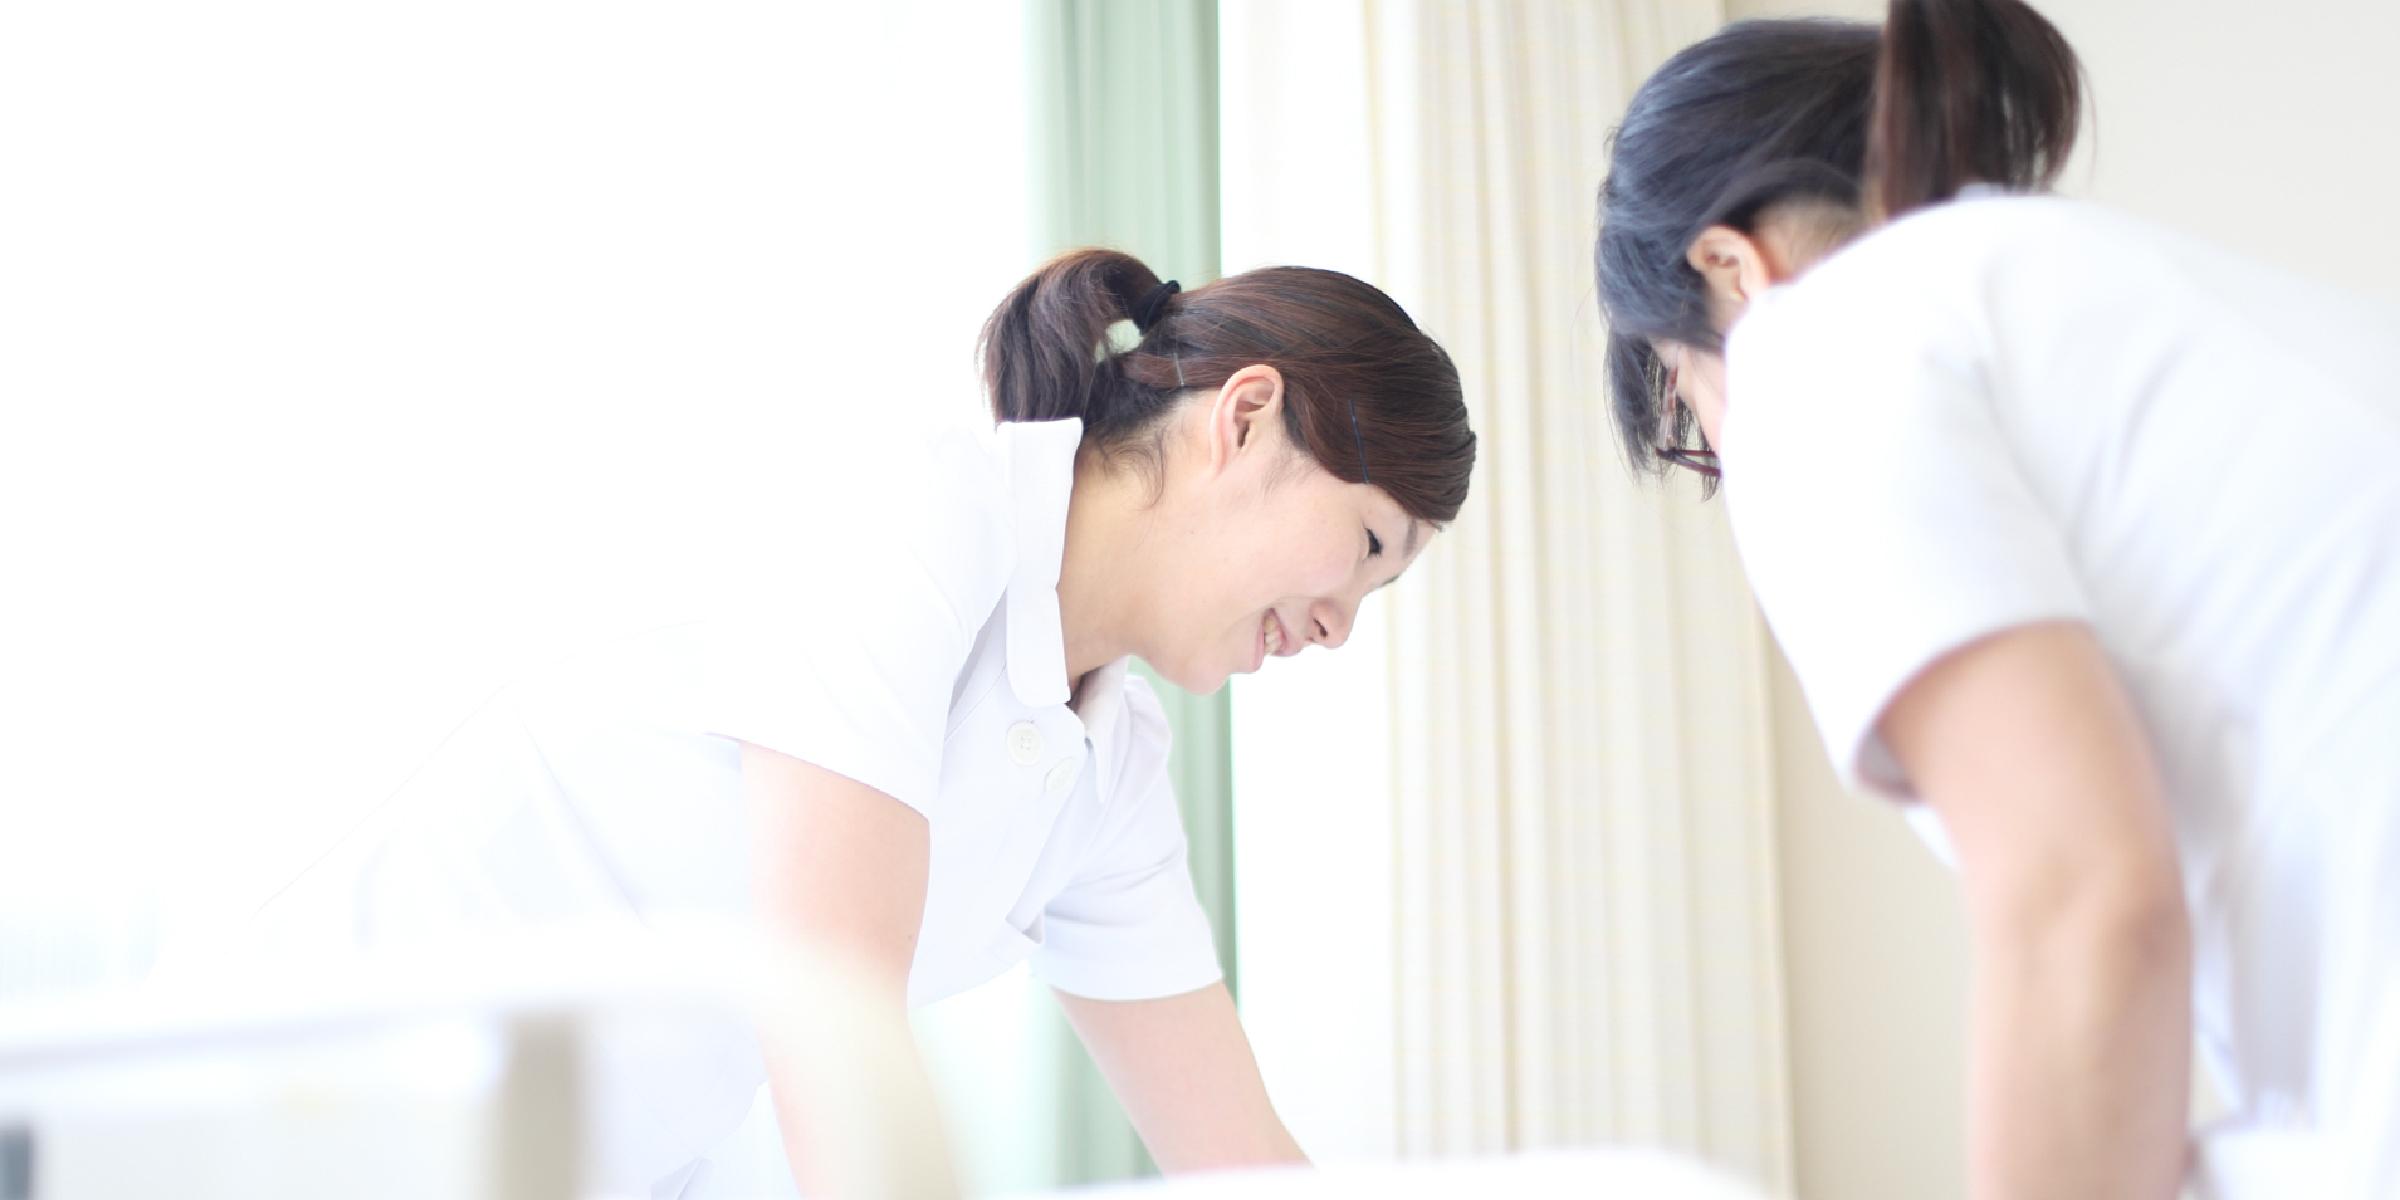 病院紹介(h1タイトル)